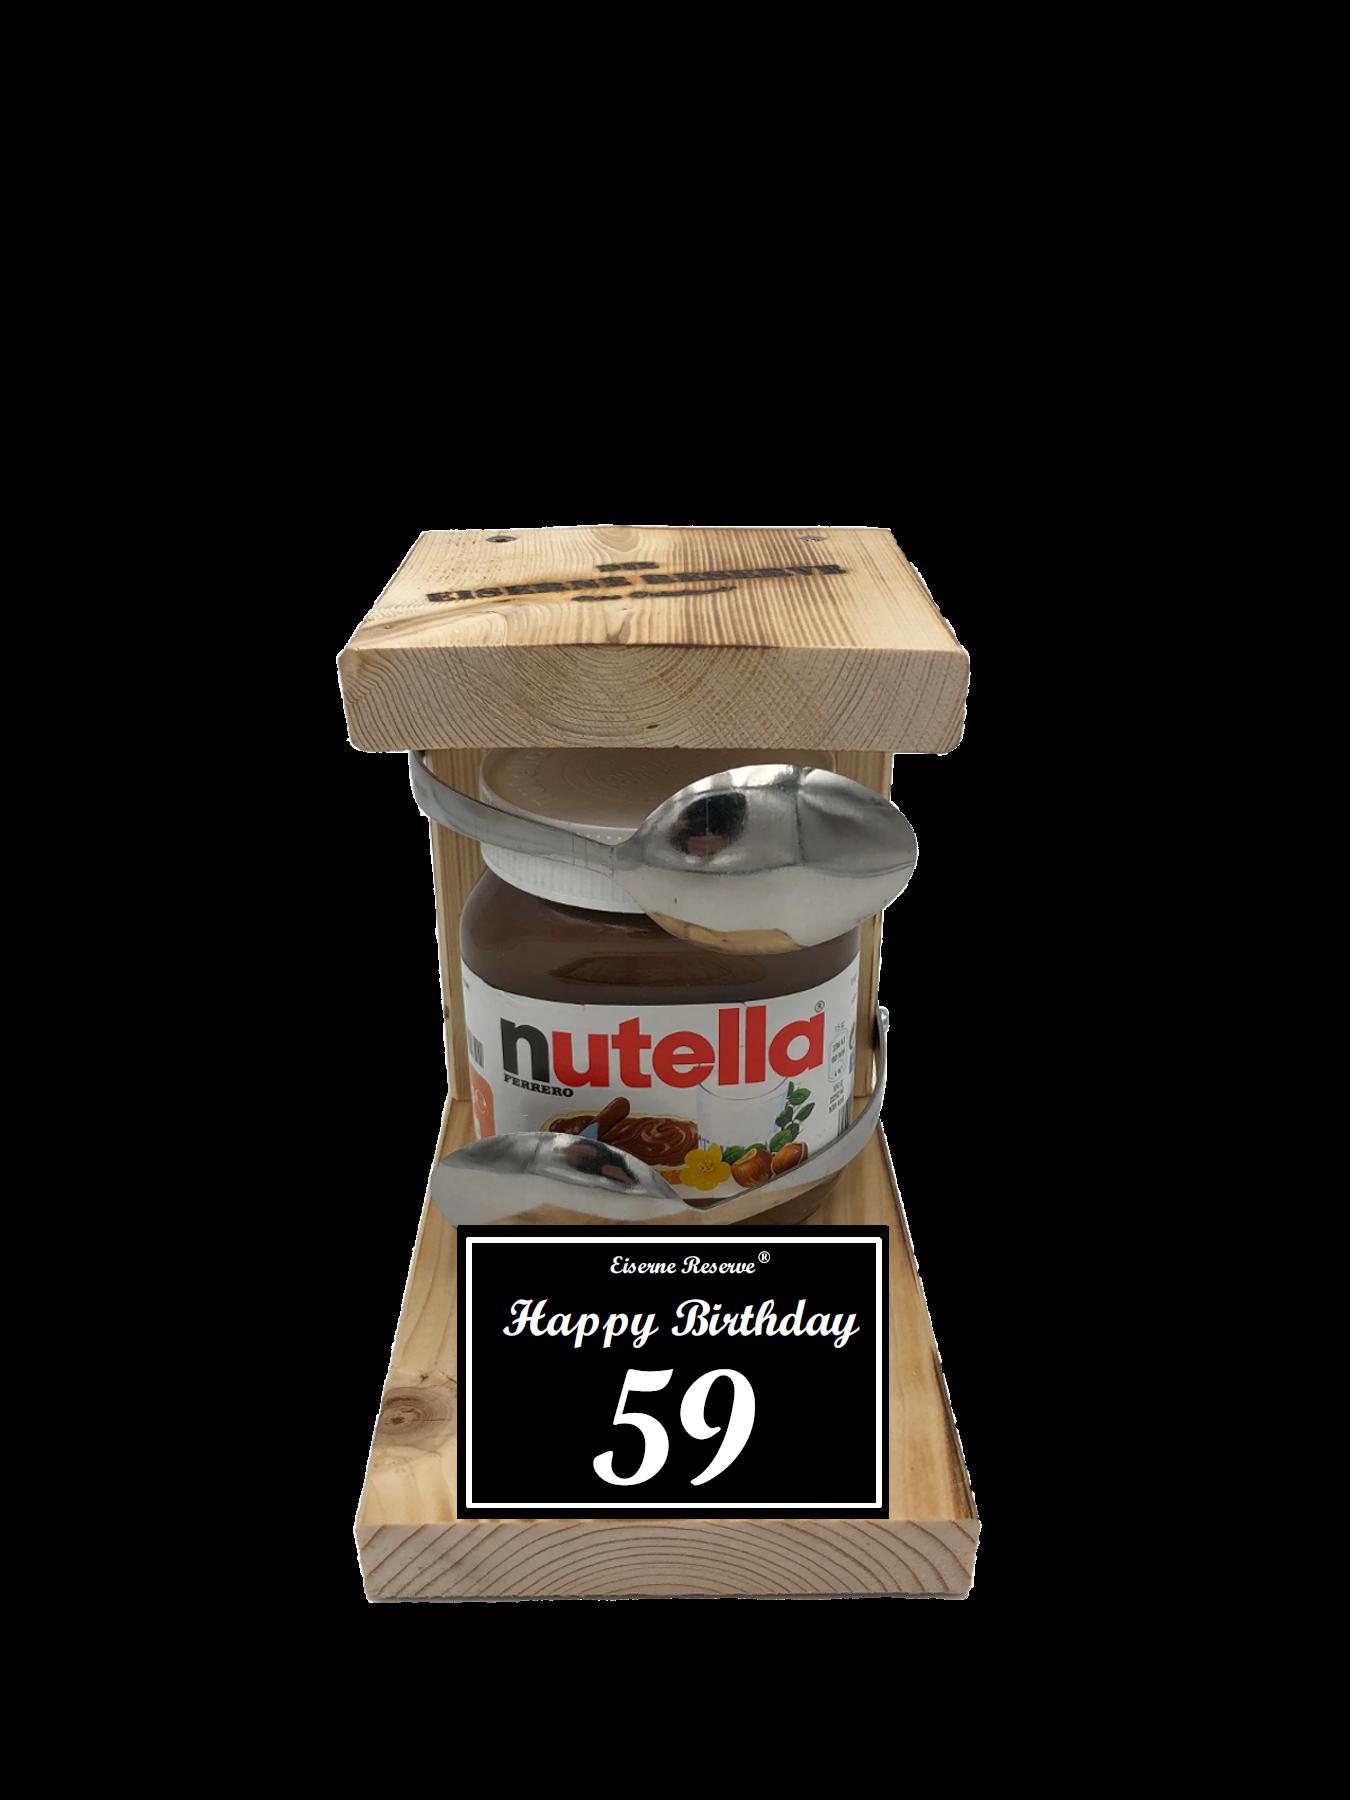 59 Happy Birthday Löffel Nutella Geschenk - Die Nutella Geschenkidee